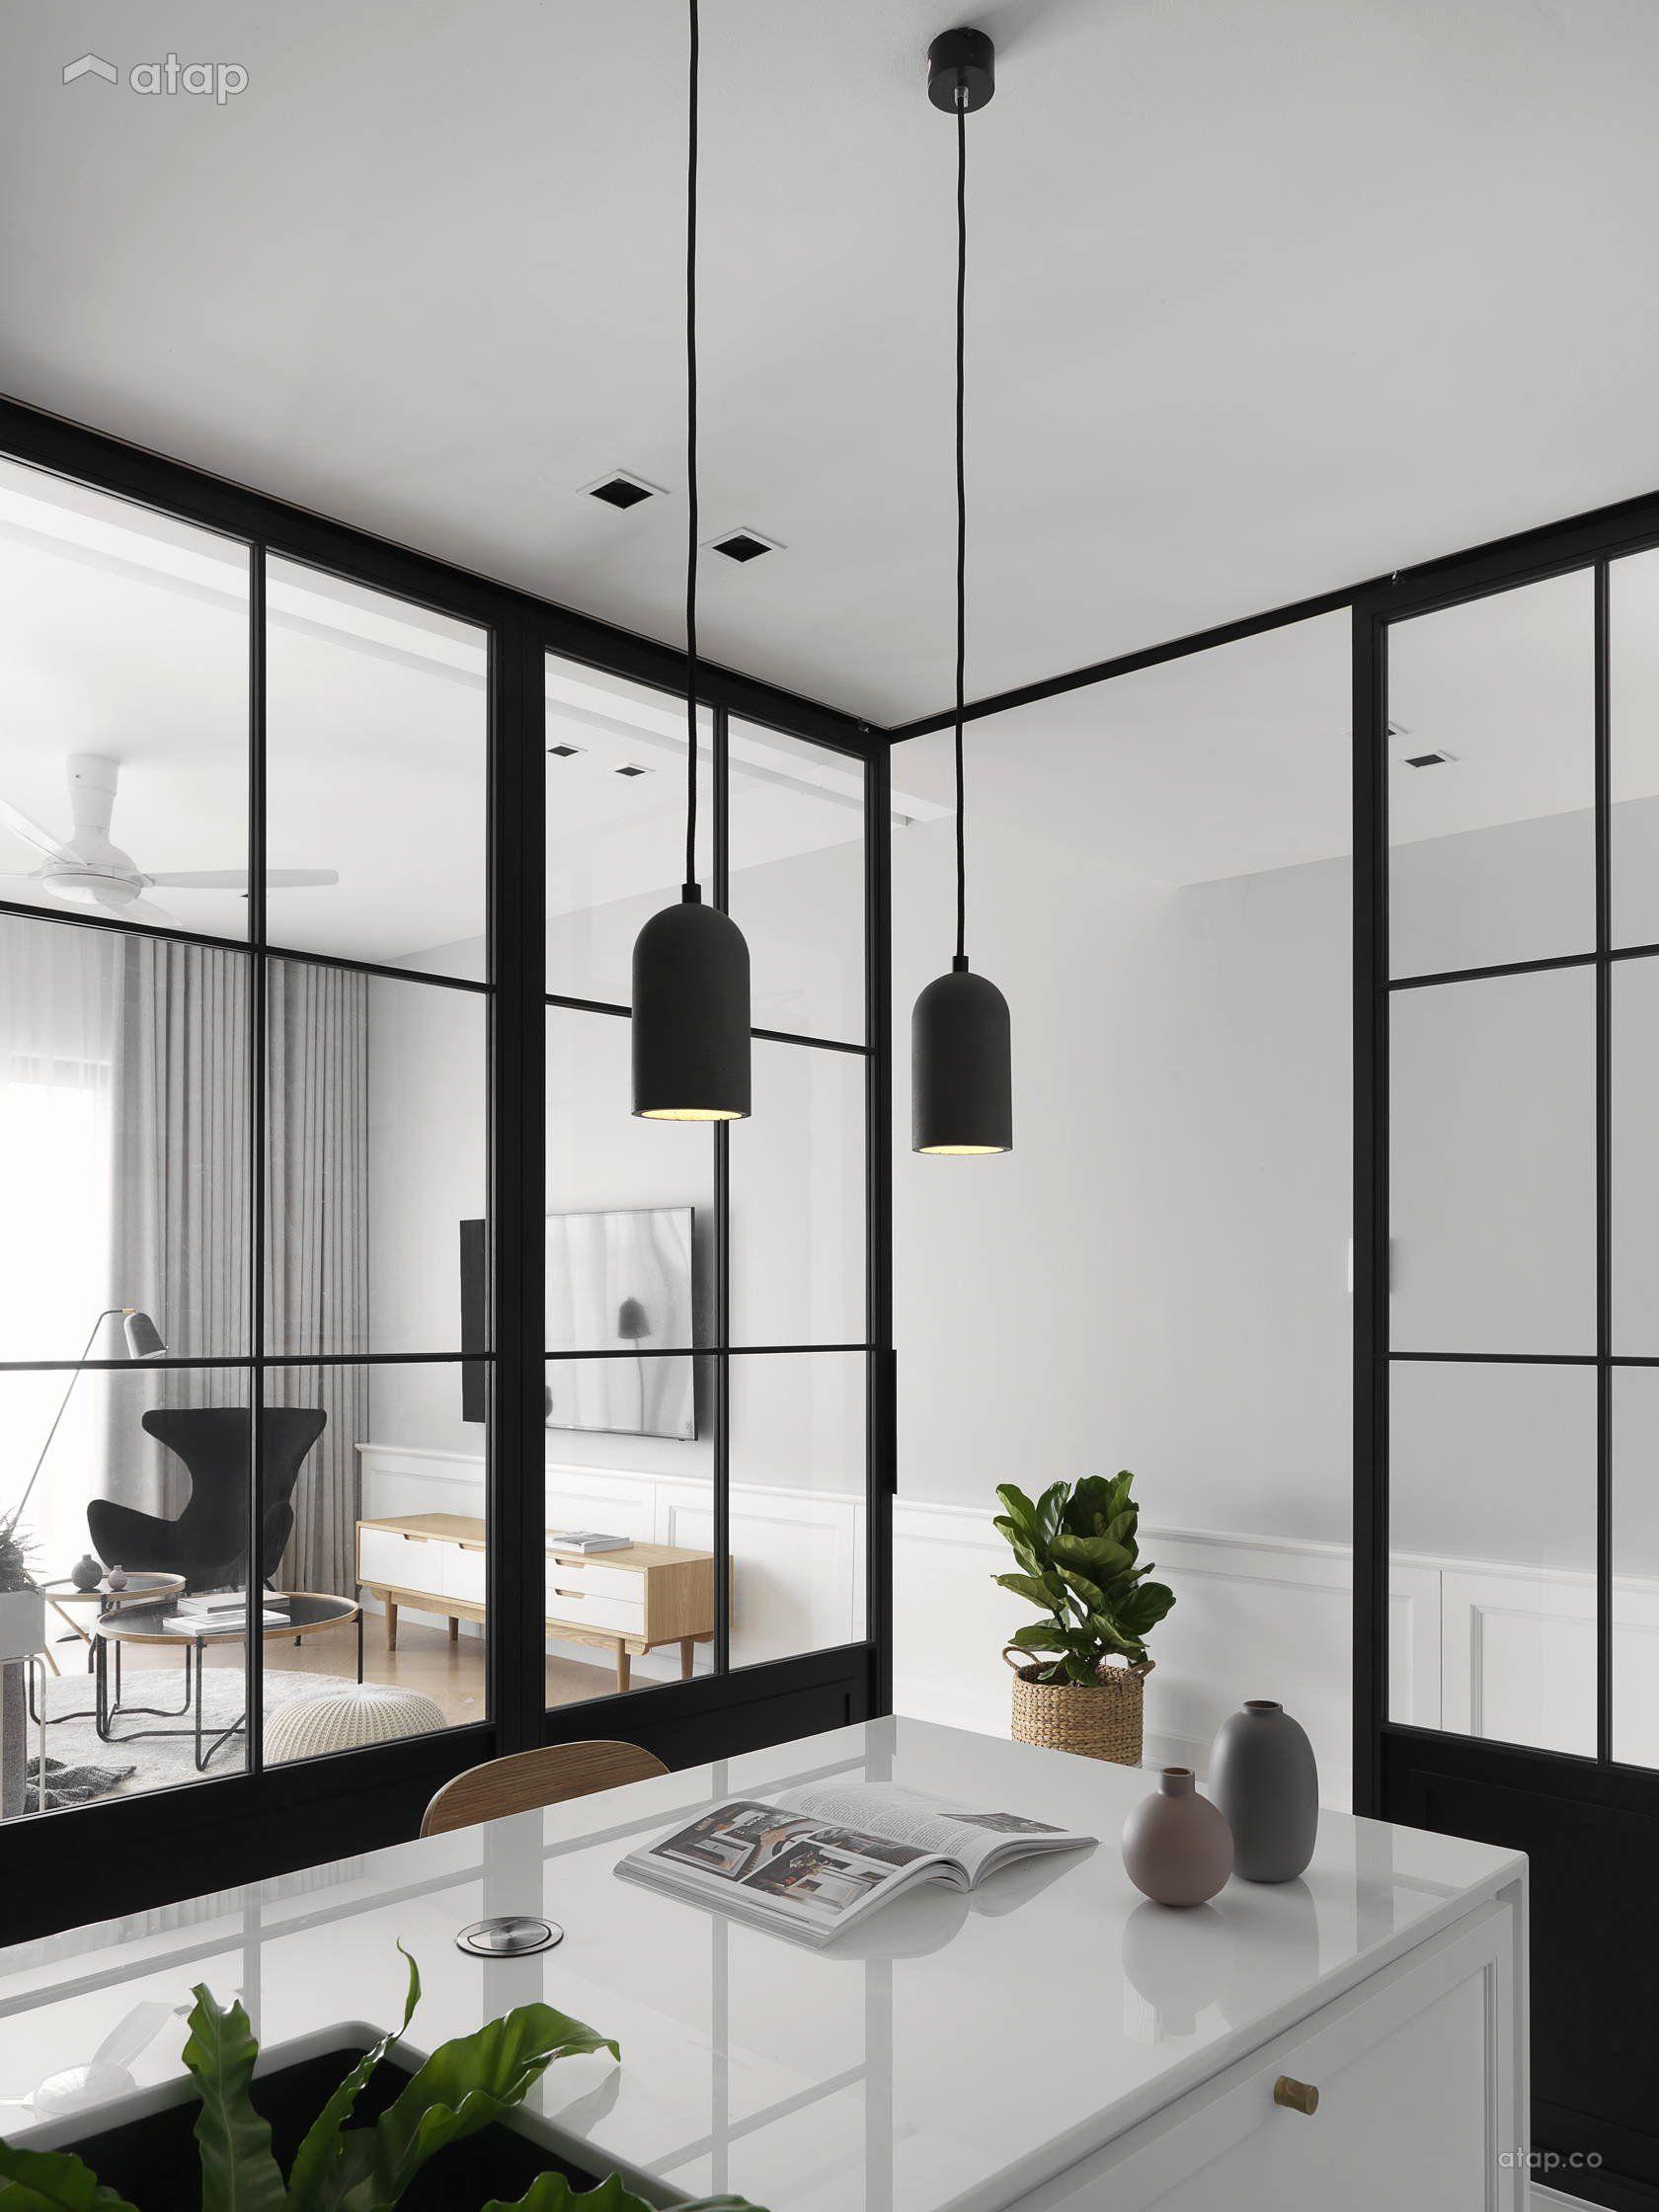 Condo Interior Design Ideas Living Room Best Of Scandinavian Kitchen Living Room Condominium Design Ideas